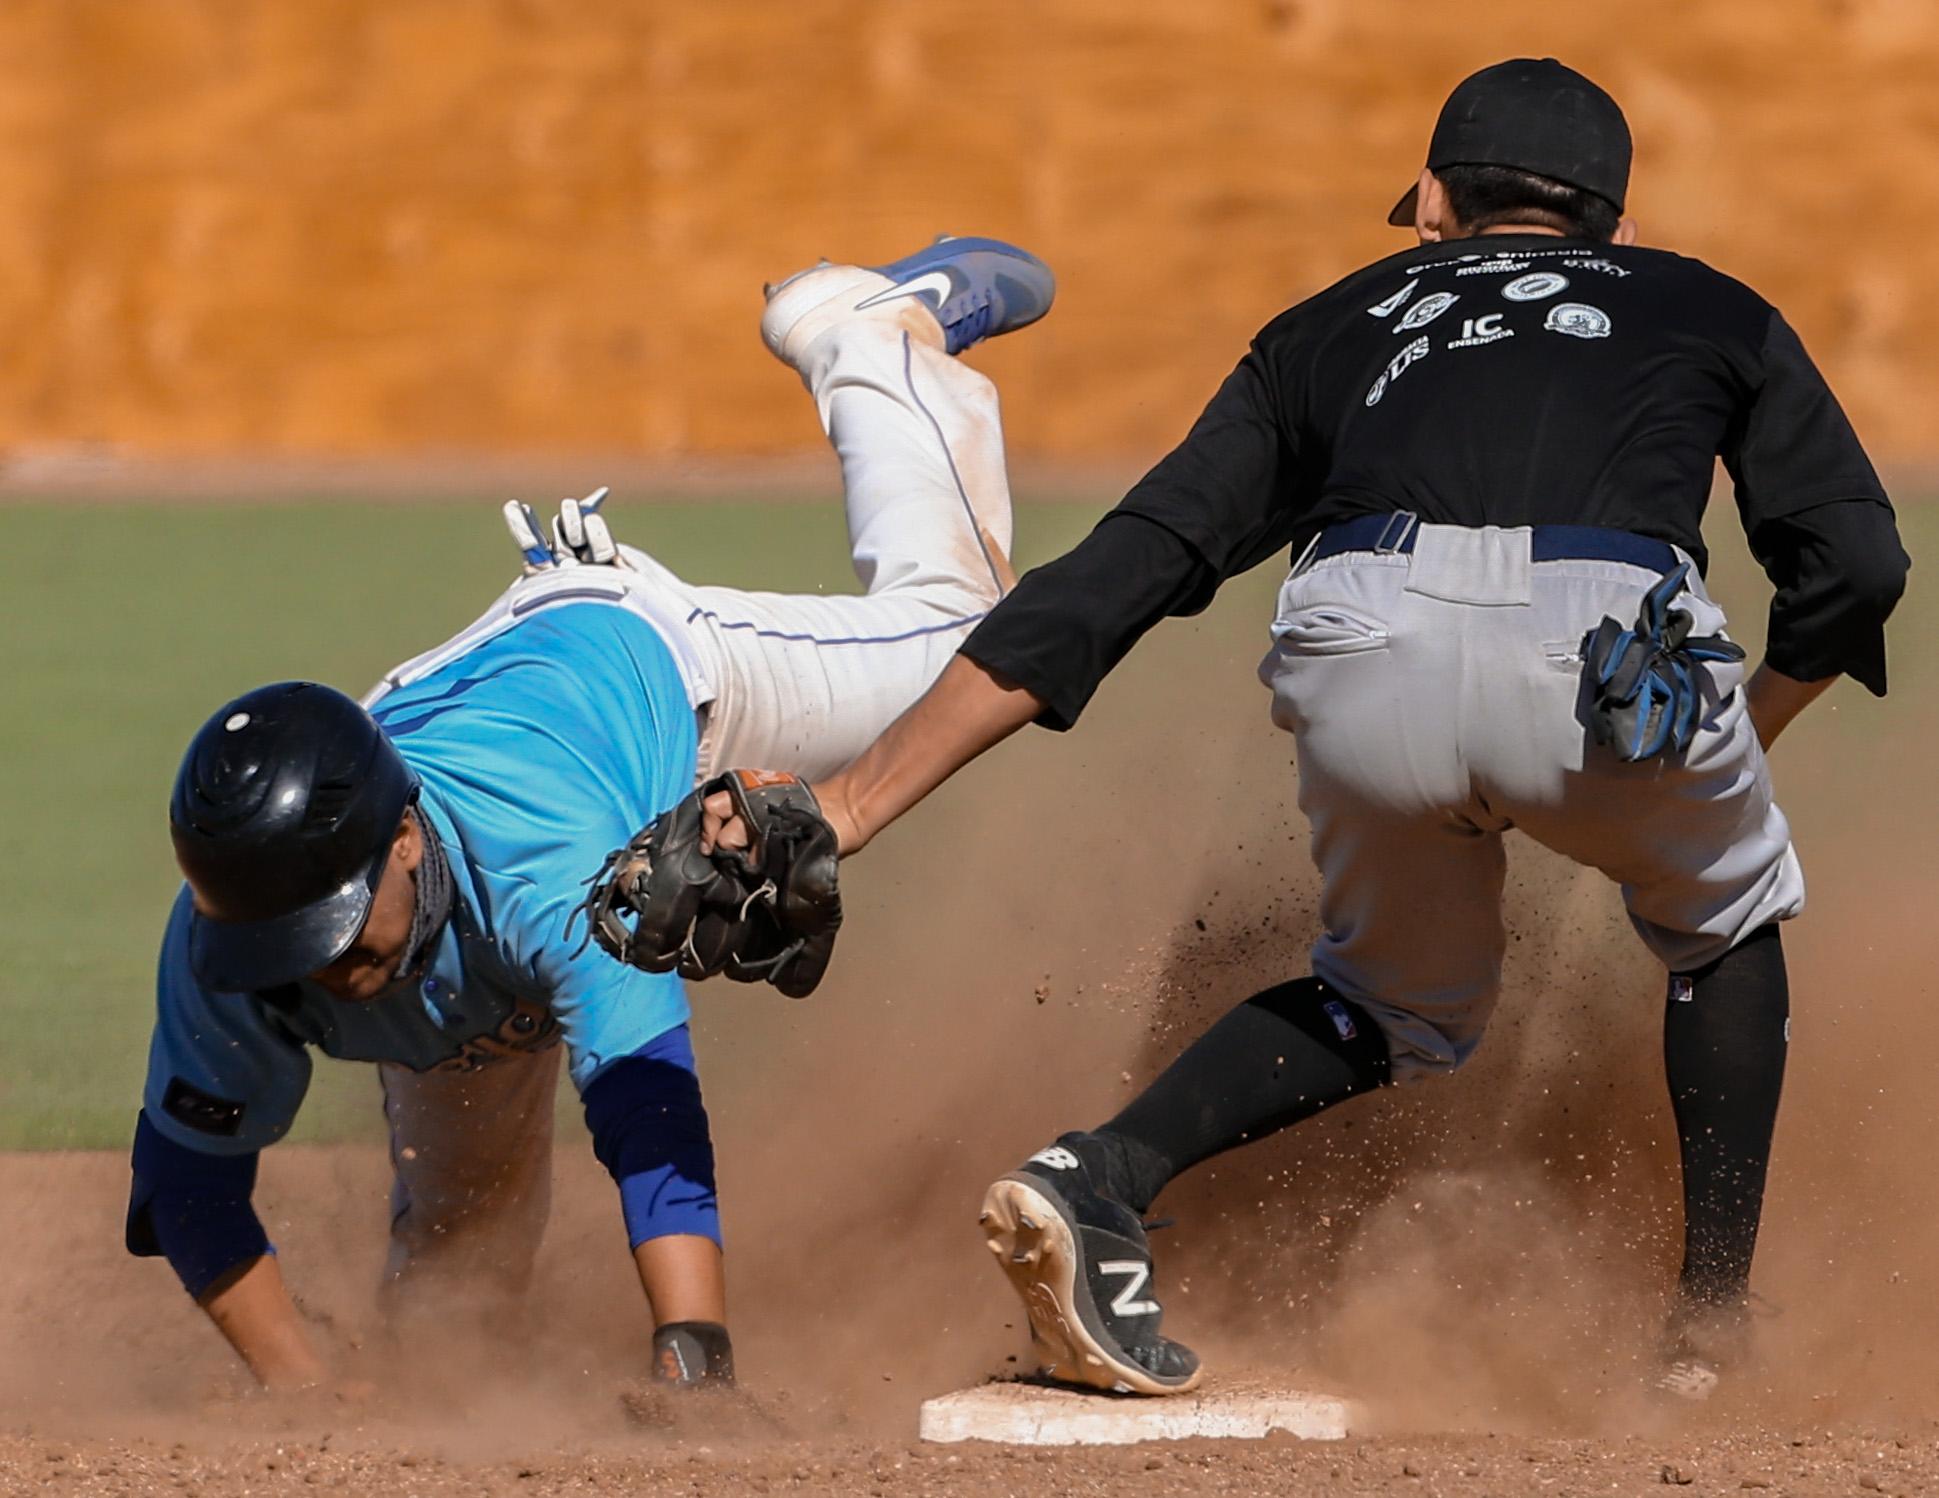 Royals y Ensenada se repartieron las victorias en Estatal de Beisbol INDEBC 2020